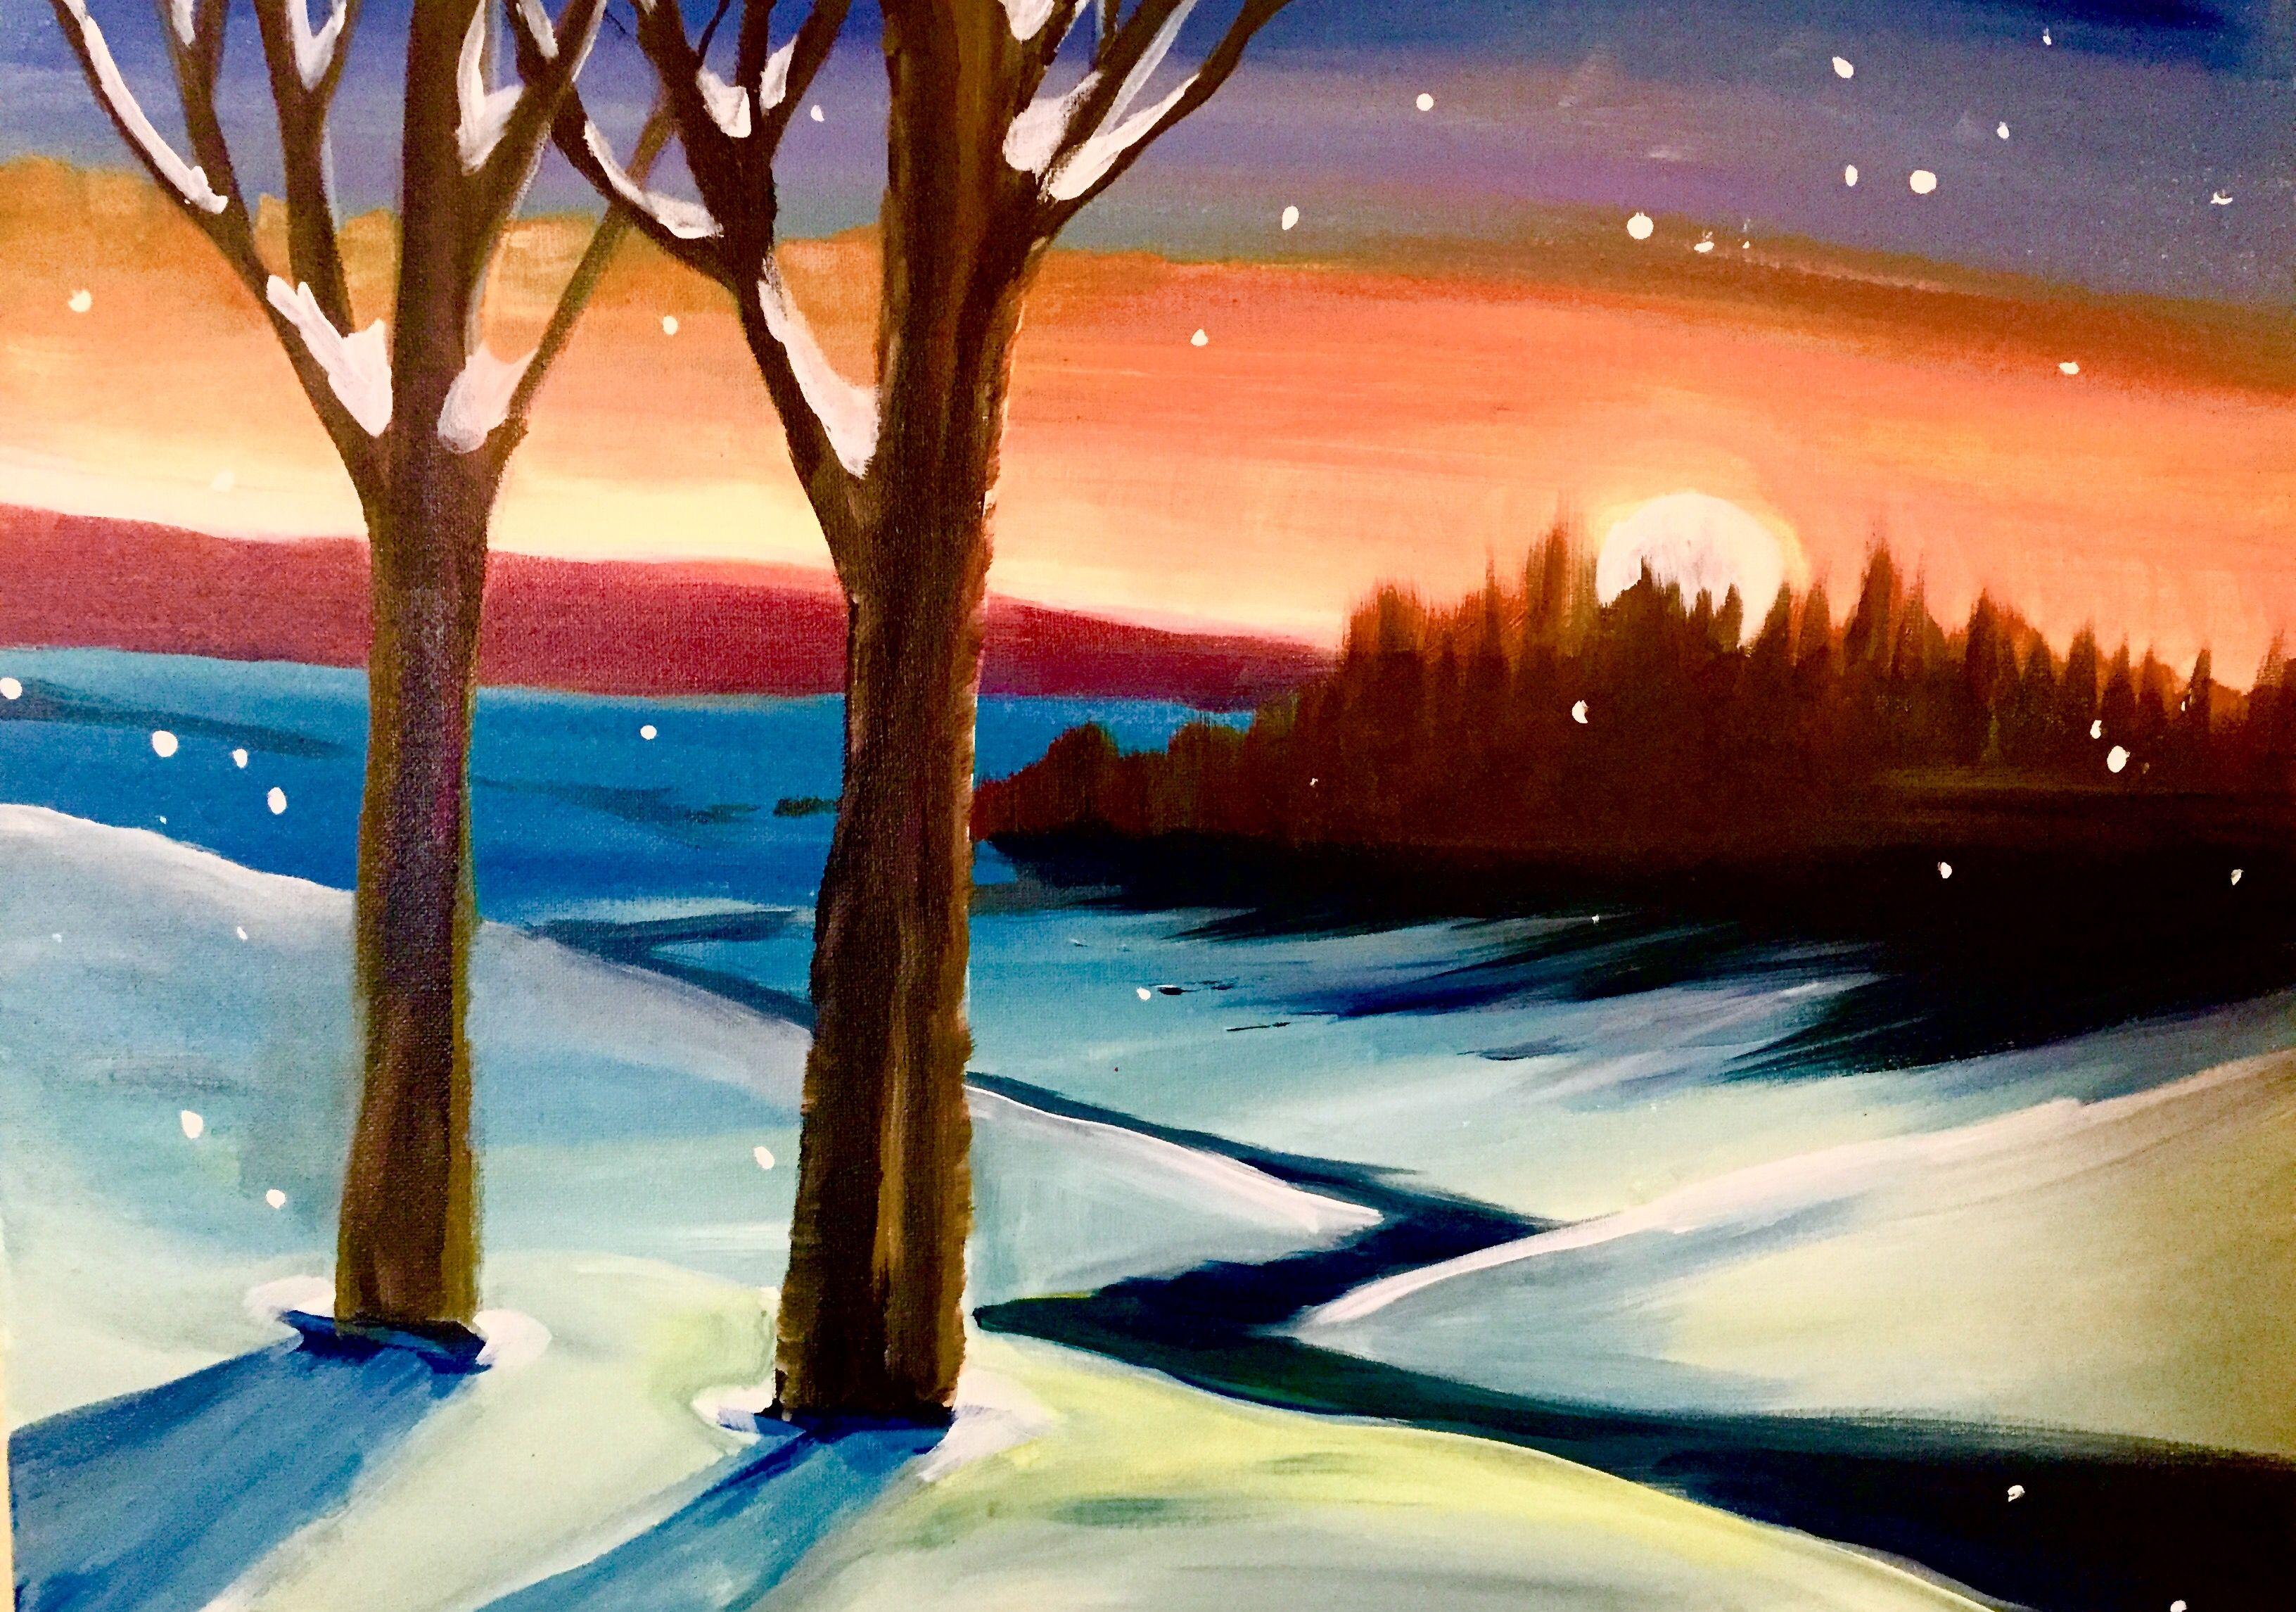 обычно, рисунок зимнего пейзажа гуашью того, увеличившееся расстояние